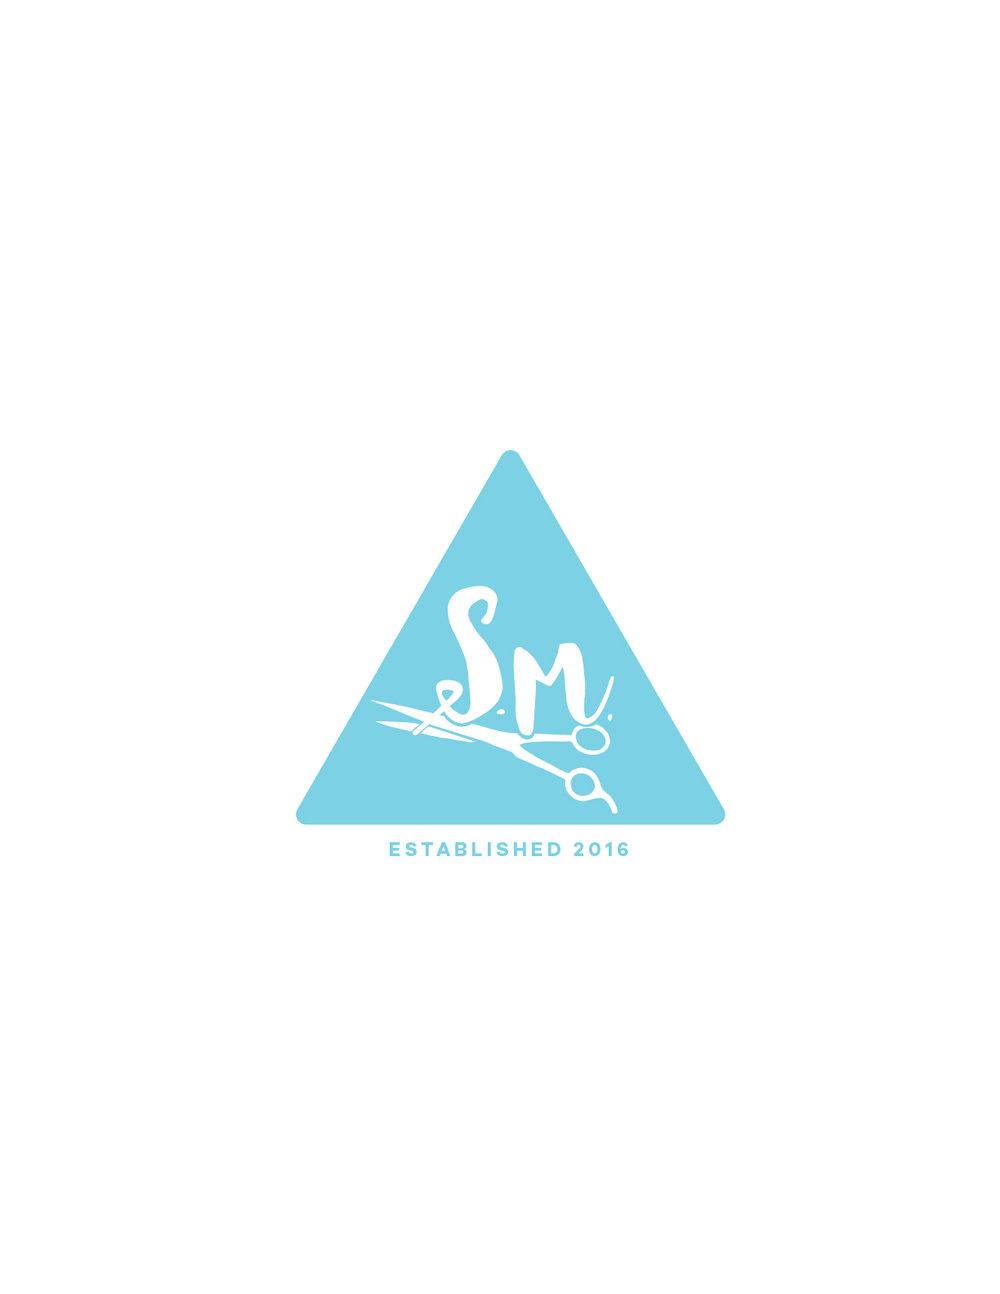 the-four-design-sammi-mac-logo-concepts-8.jpg